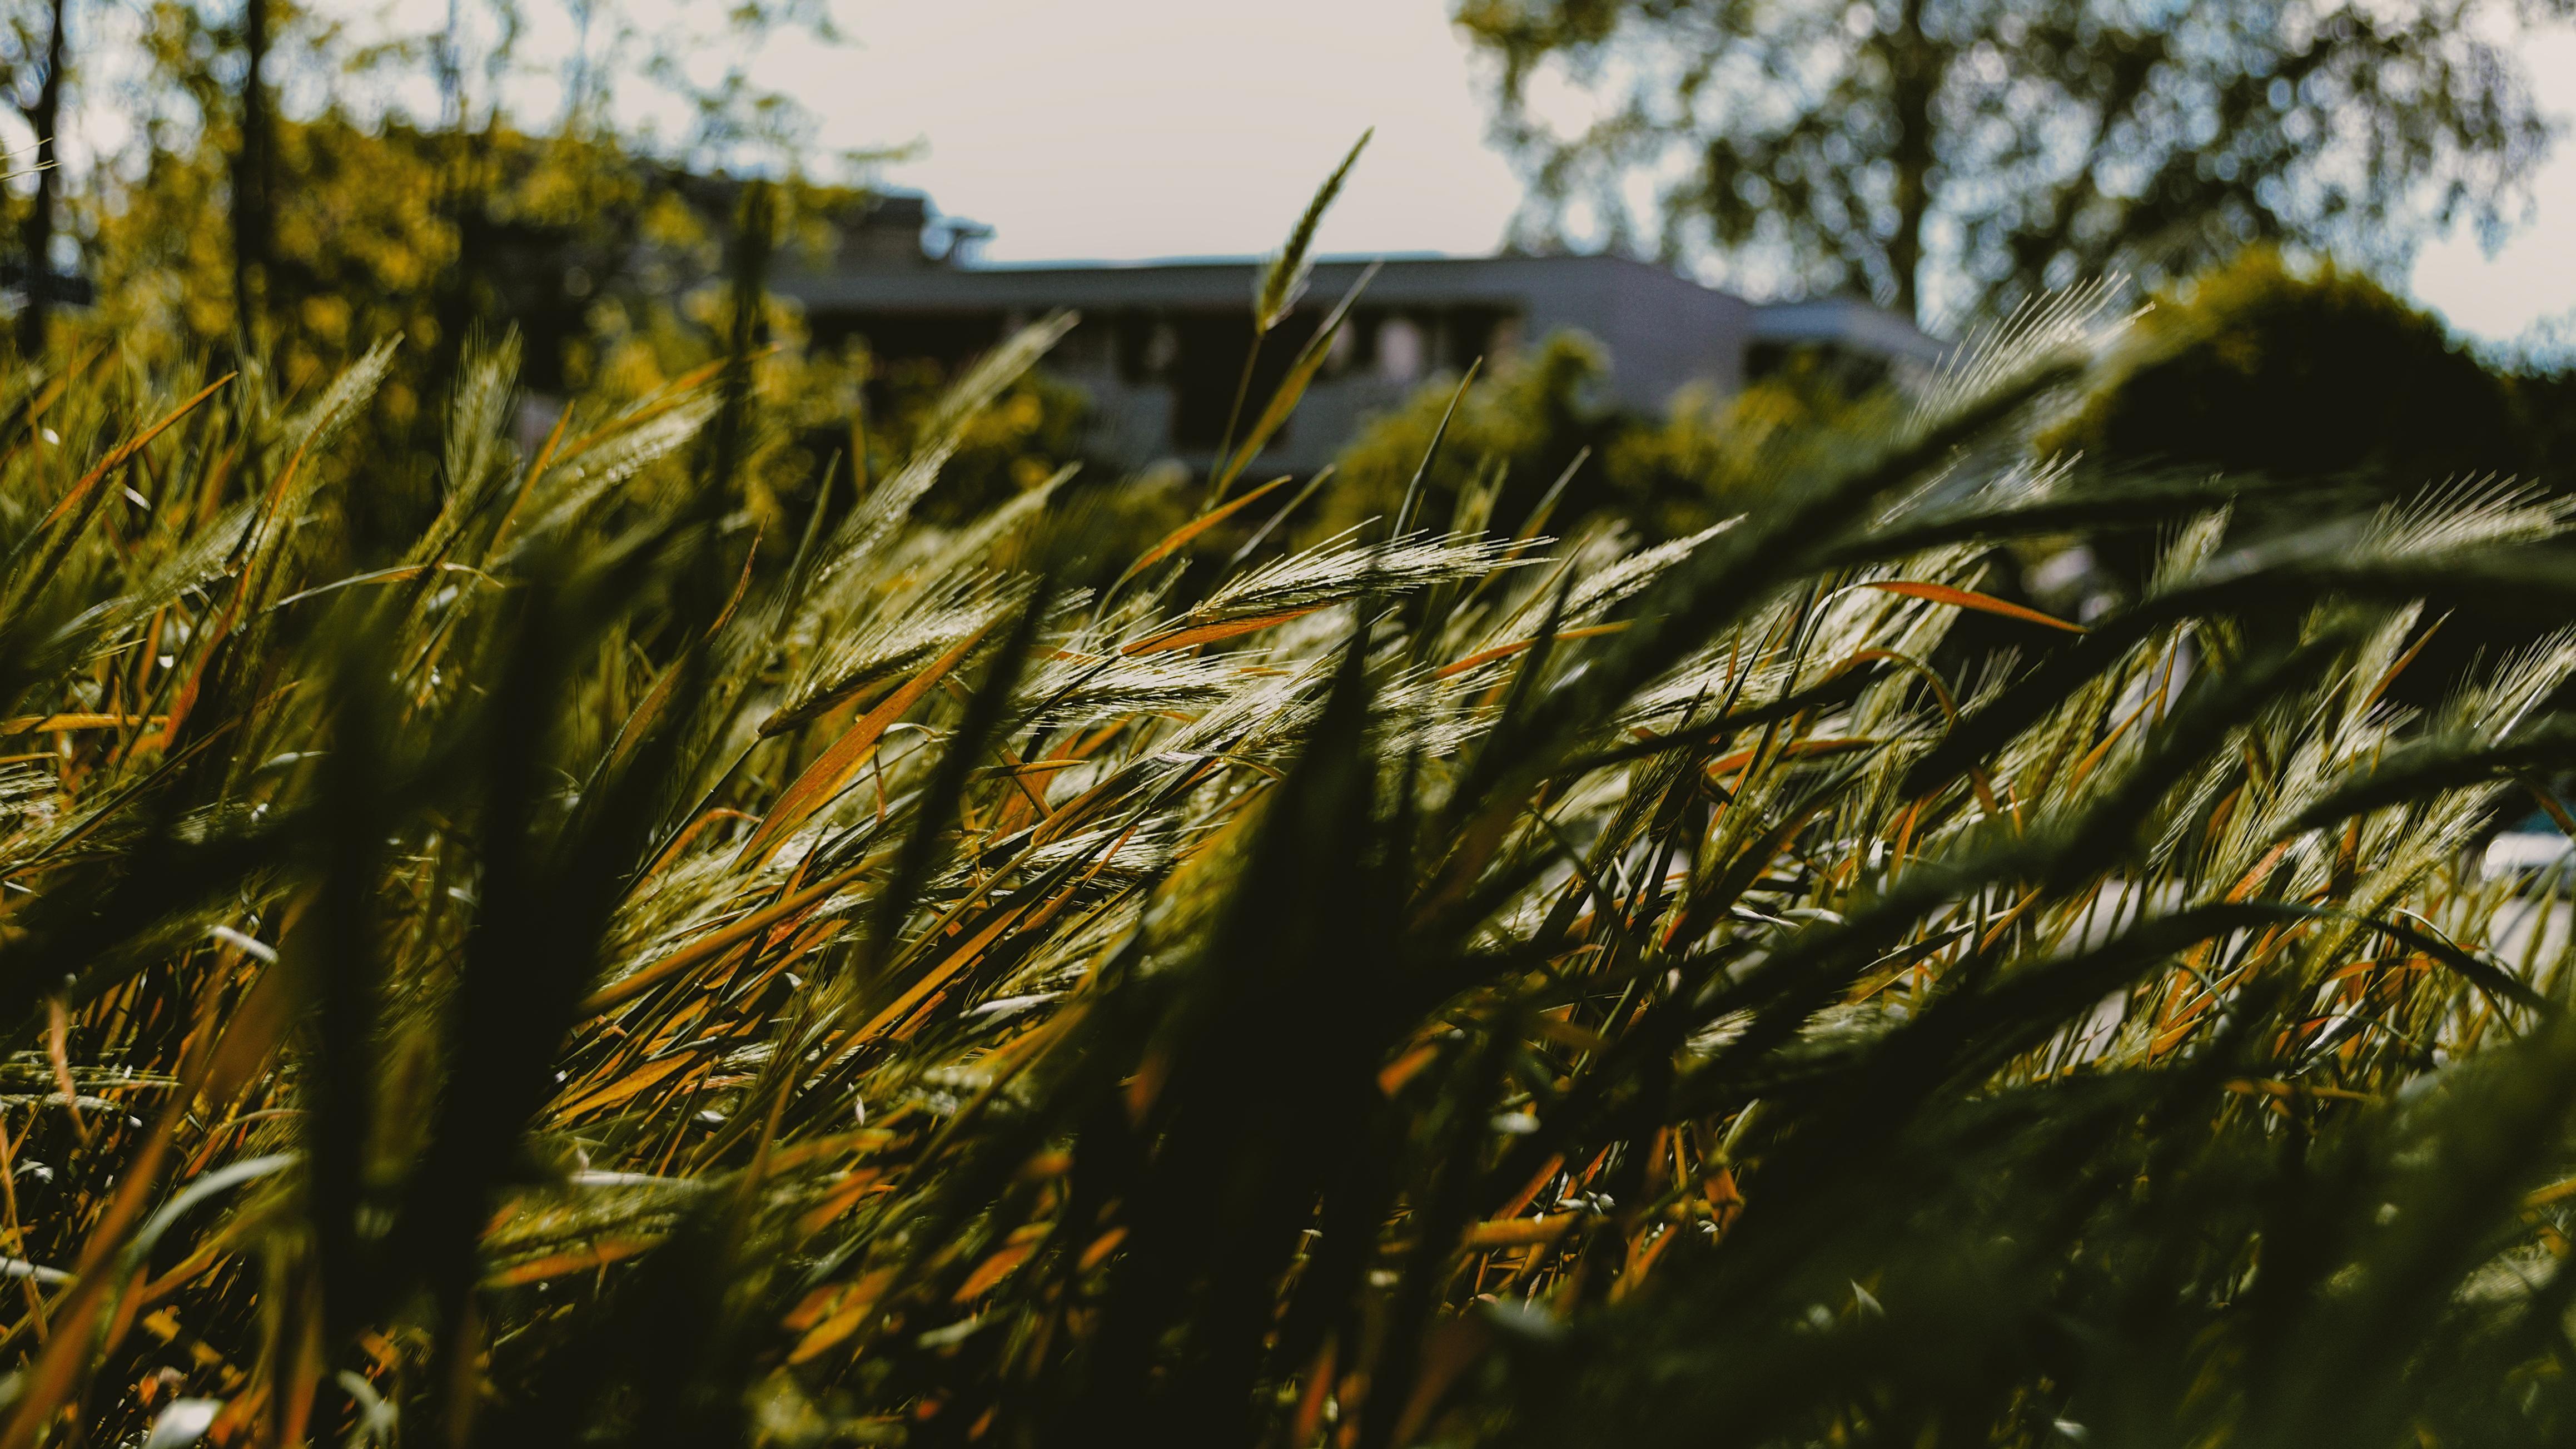 Grass OC[4634 2606][169] Heaven wallpaper, Grass